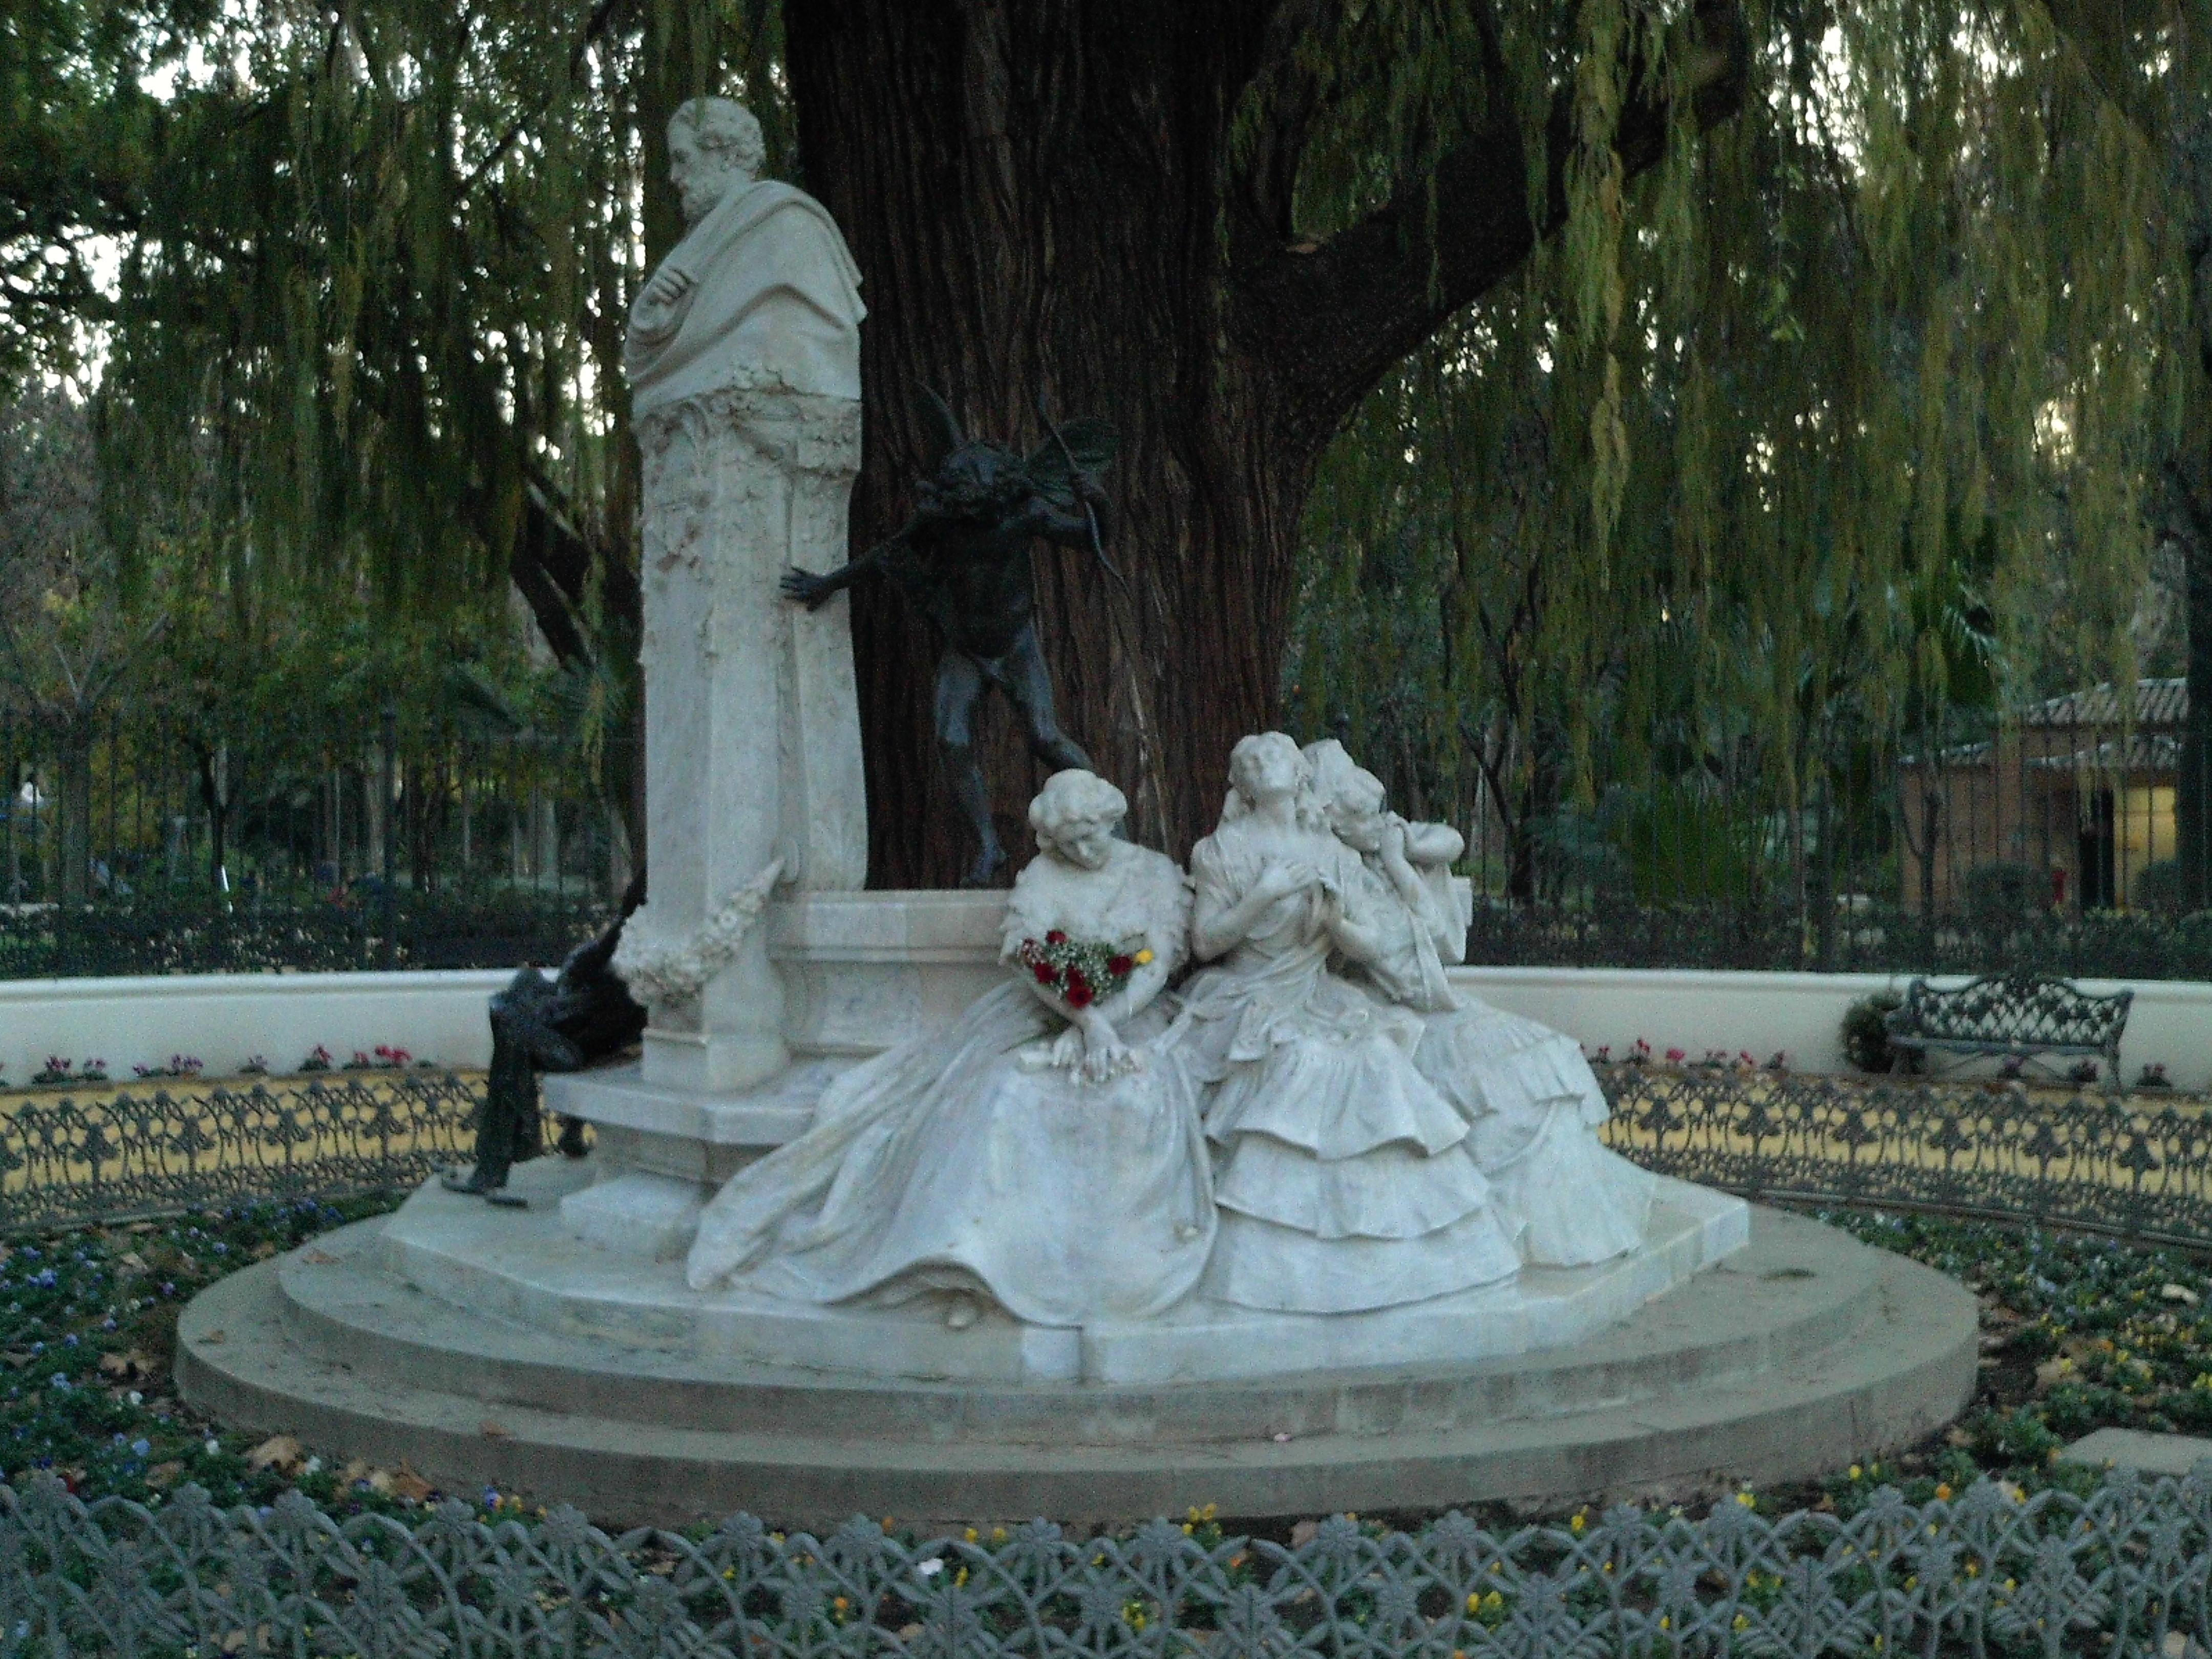 Monumento en la glorieta de Bécquer, en el parque de María Luisa, obra de los escultores Collault y Talavera.